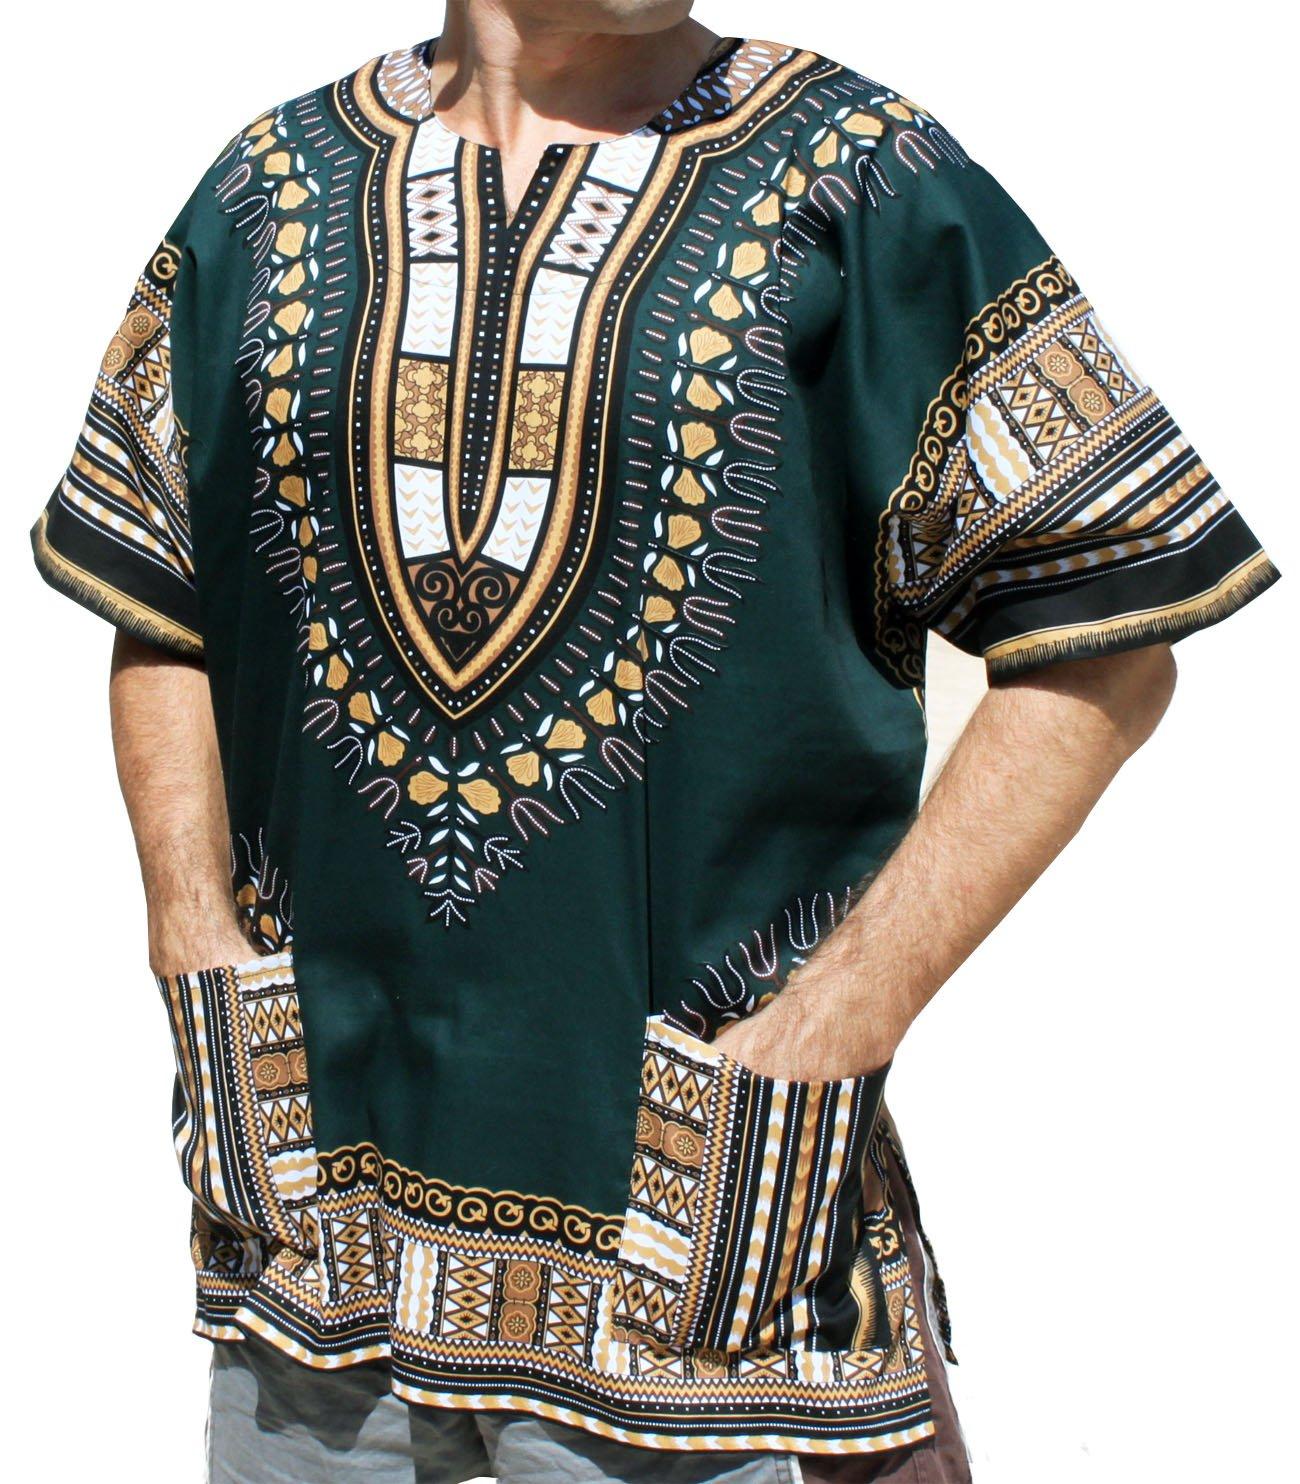 Raan Pah Muang RaanPahMuang Unisex African Bright Dashiki Cotton Shirt Variety Colors, Large, Green Brown